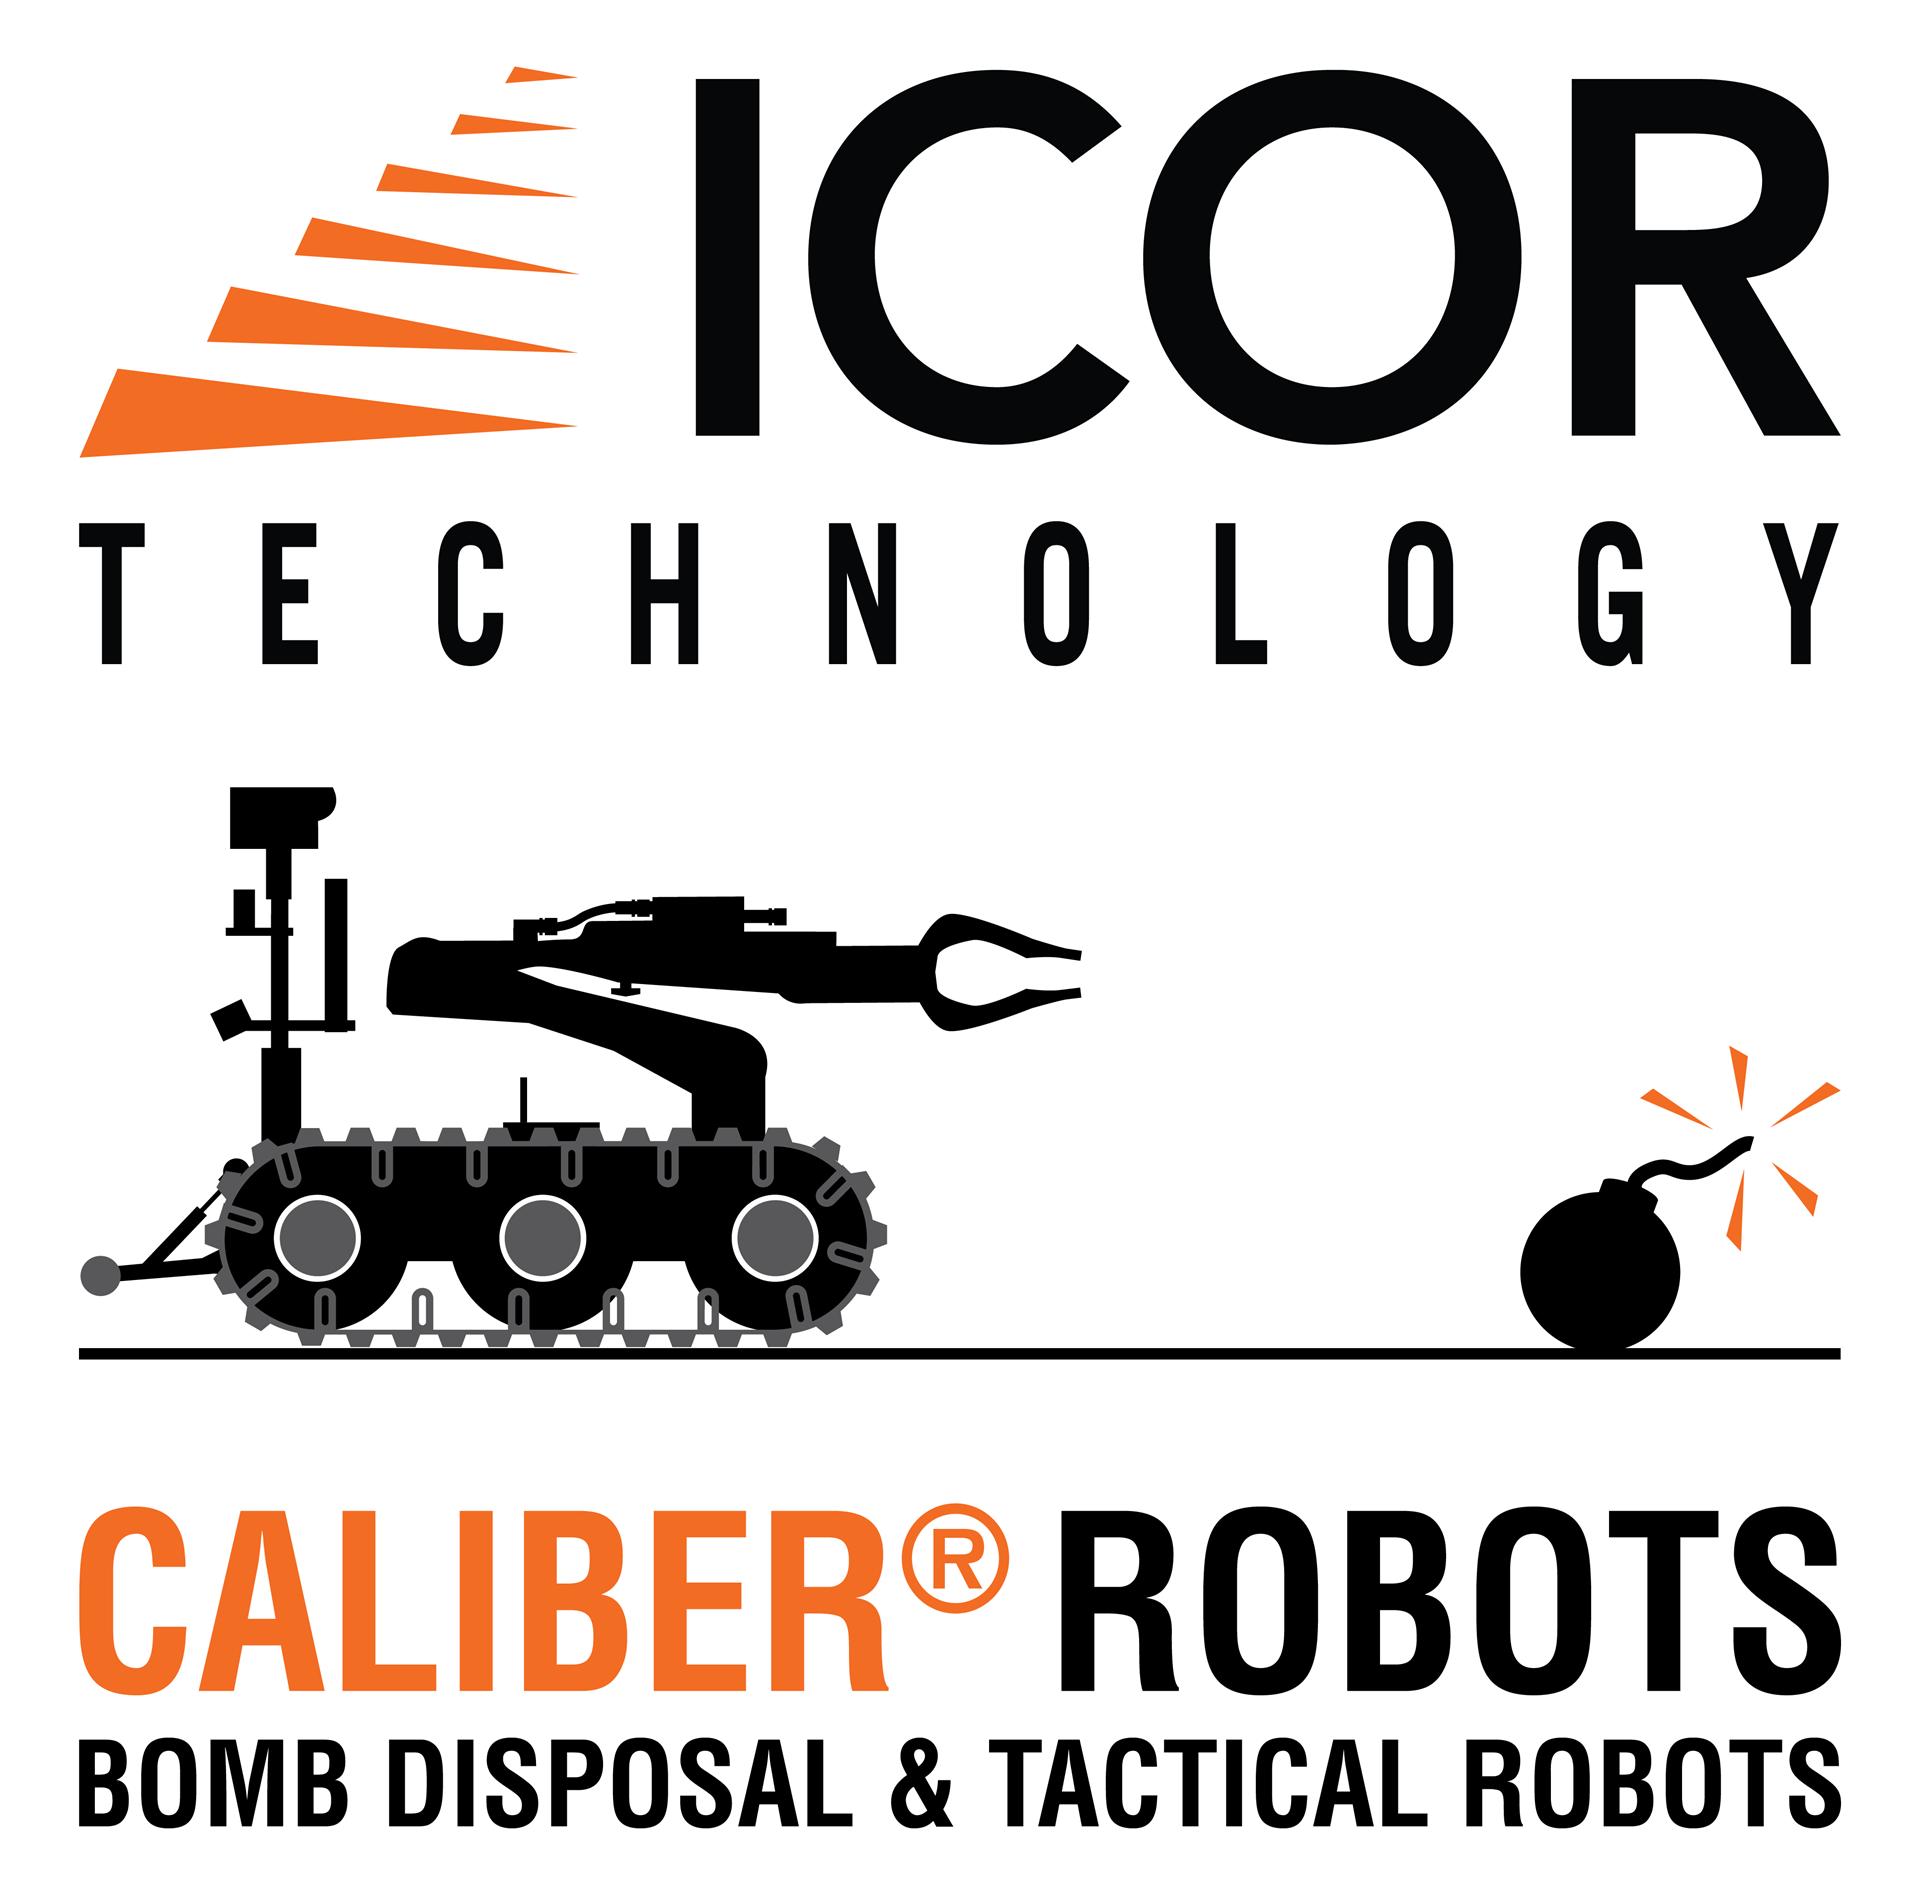 ICOR Logo